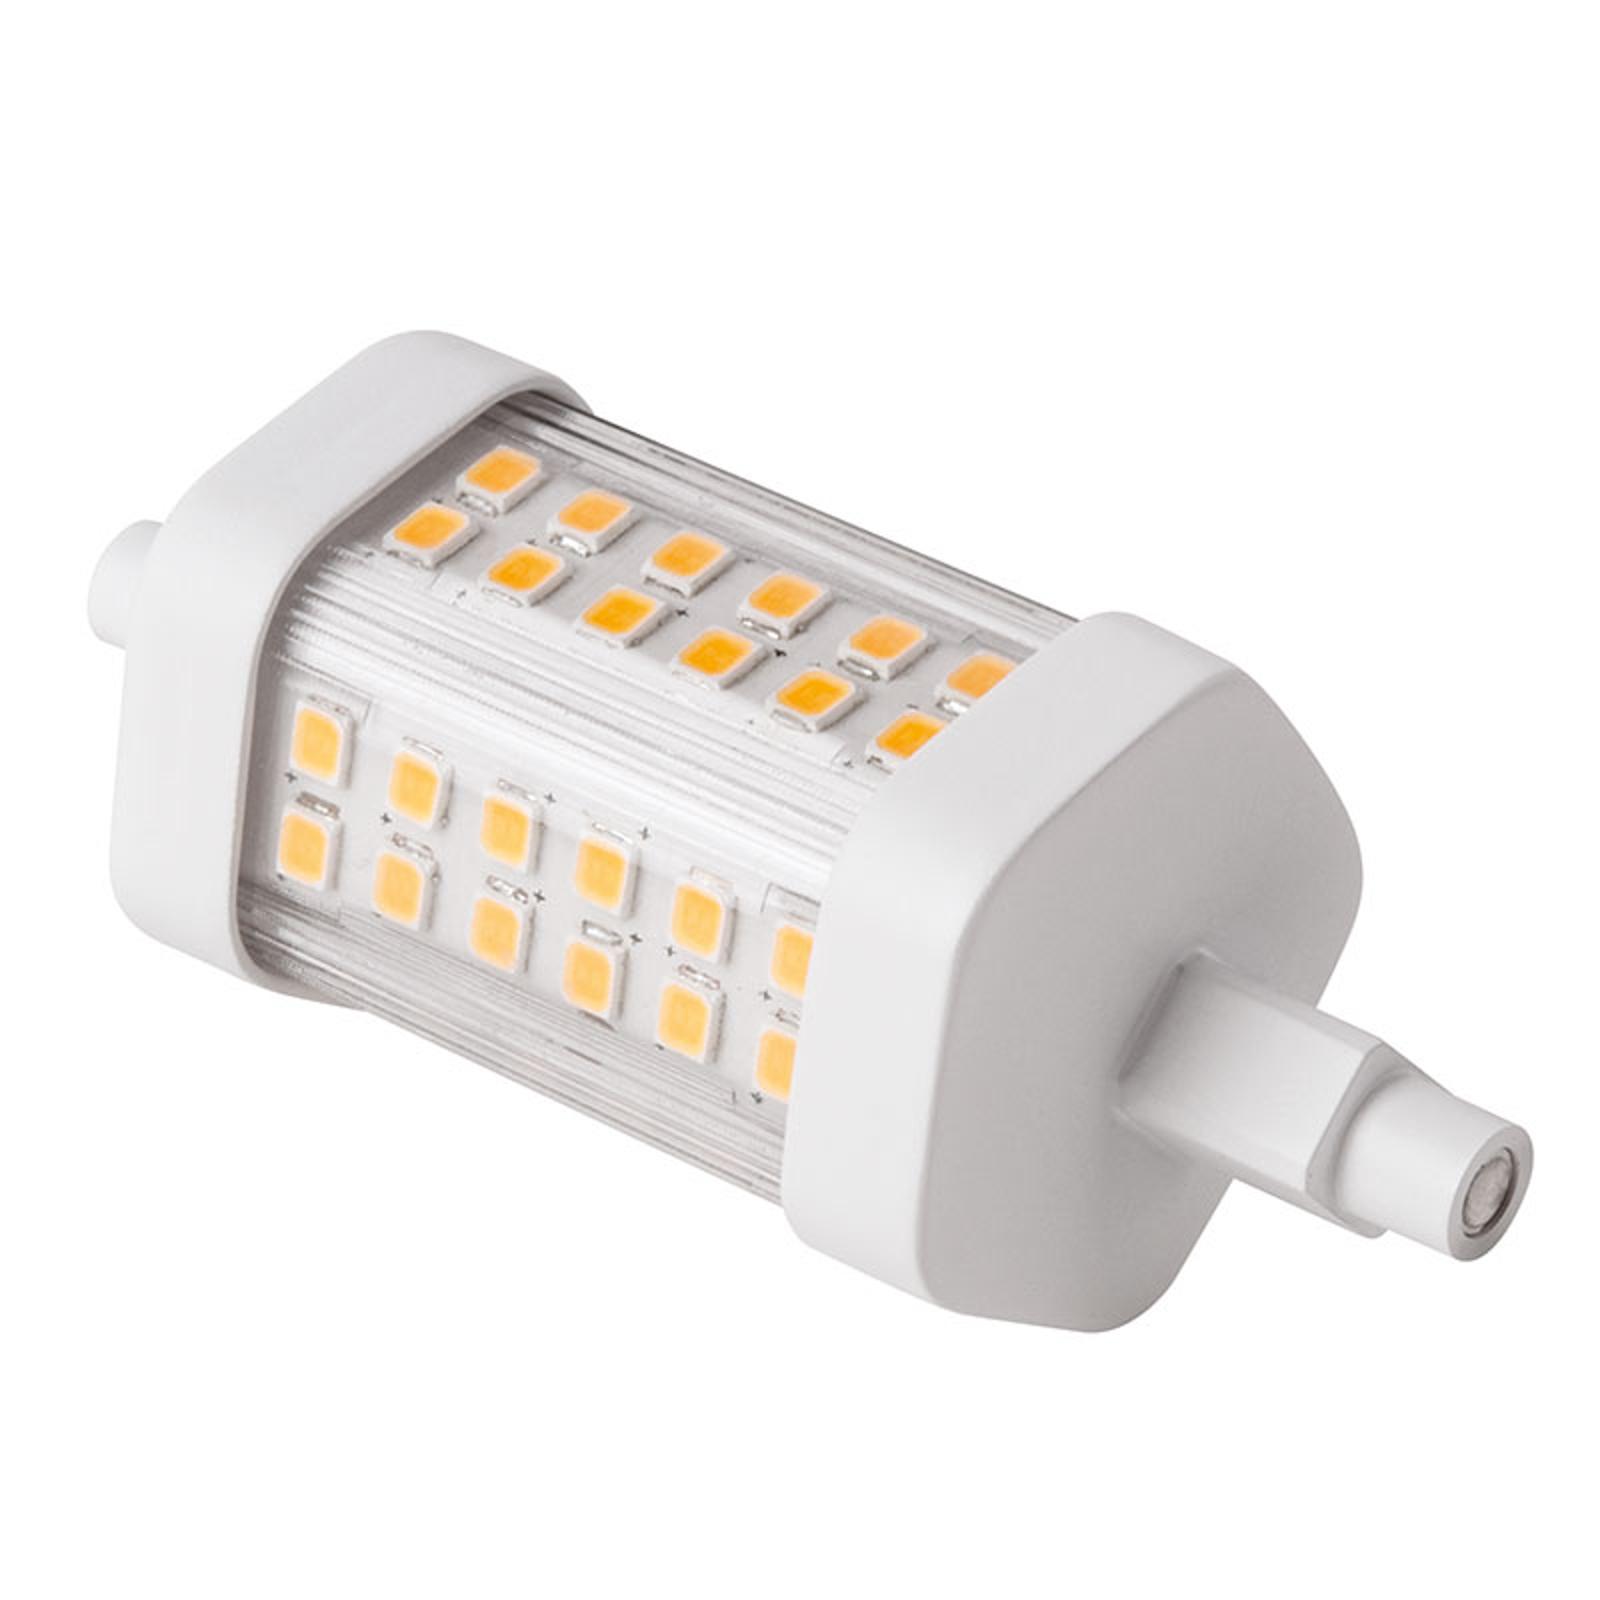 Tube LED R7s 78mm 8W blanc chaud